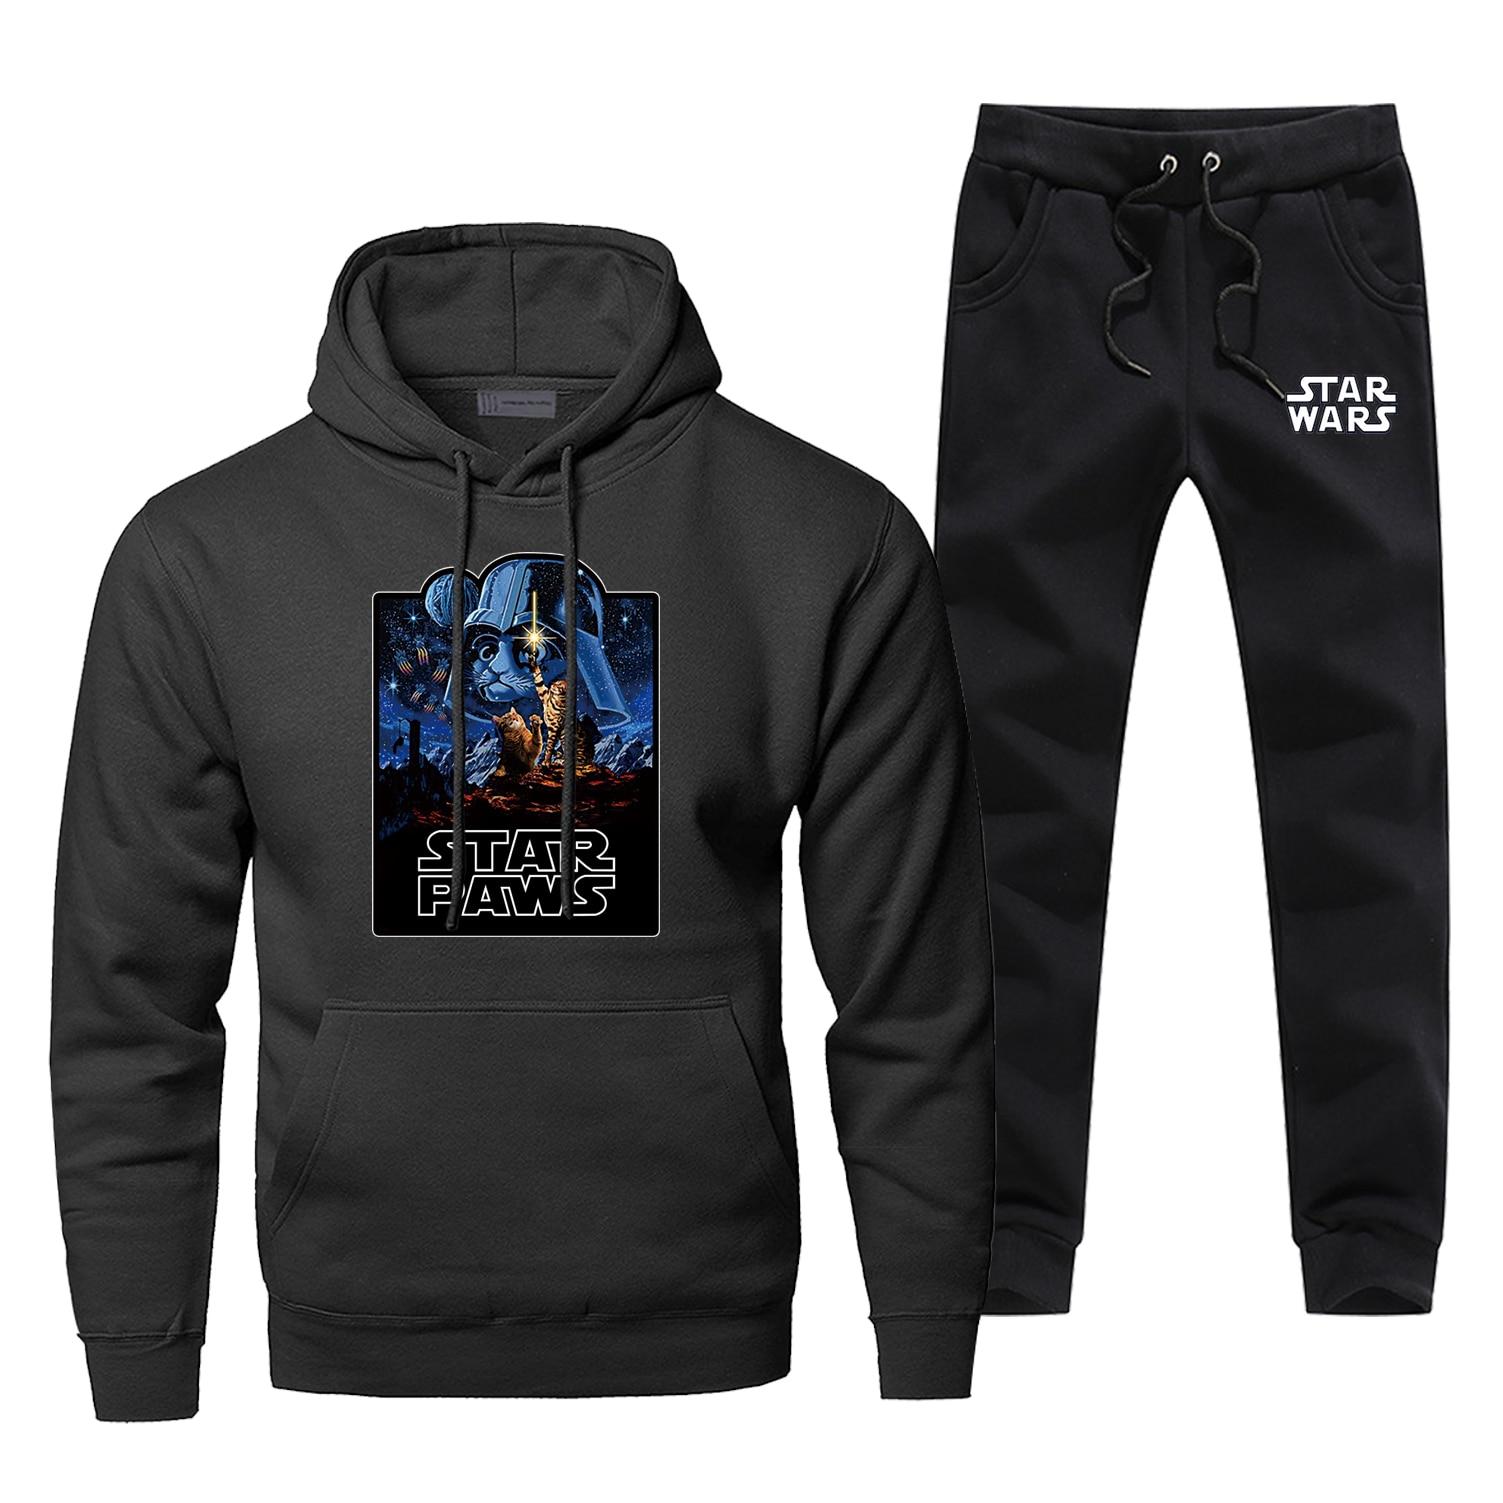 Star Wars Men Hoodie Male Starwars Pants Set Sweatshirt Mens Hoodies Sweatshirts Darth Vader Sets Two Piece Pant Pullover Coat